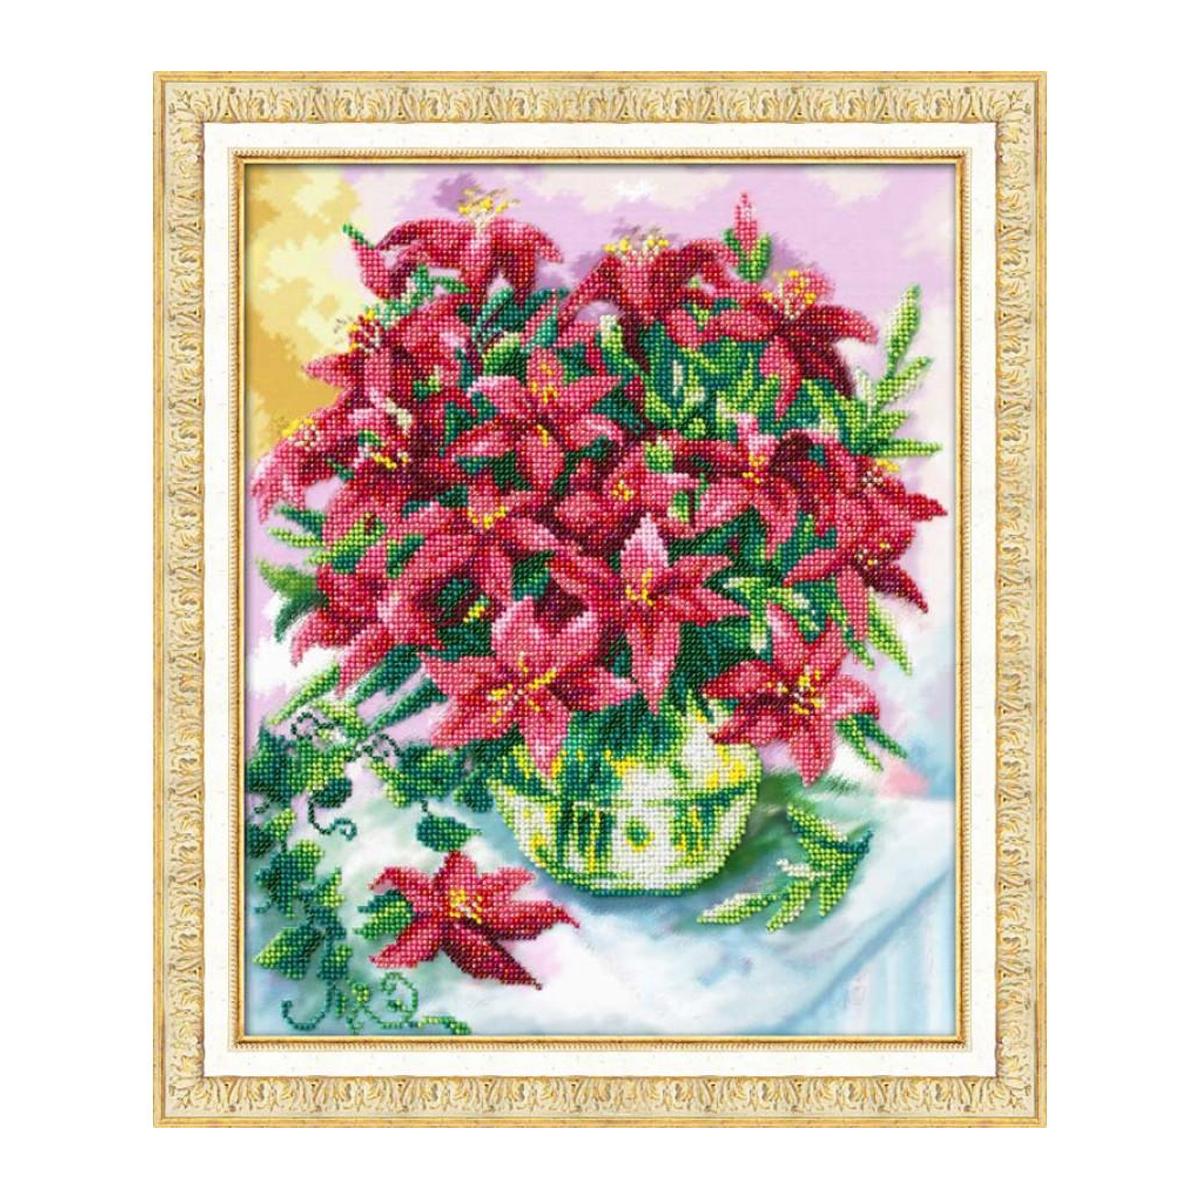 Набор для вышивания бисером Паутинка Клематисы, 21 см х 32,5 см. Б1217547148Состав набора: бисер Чехия - 14 цветов, льняная ткань с нанесенным рисунком, бисерная игла, подробная инструкция.